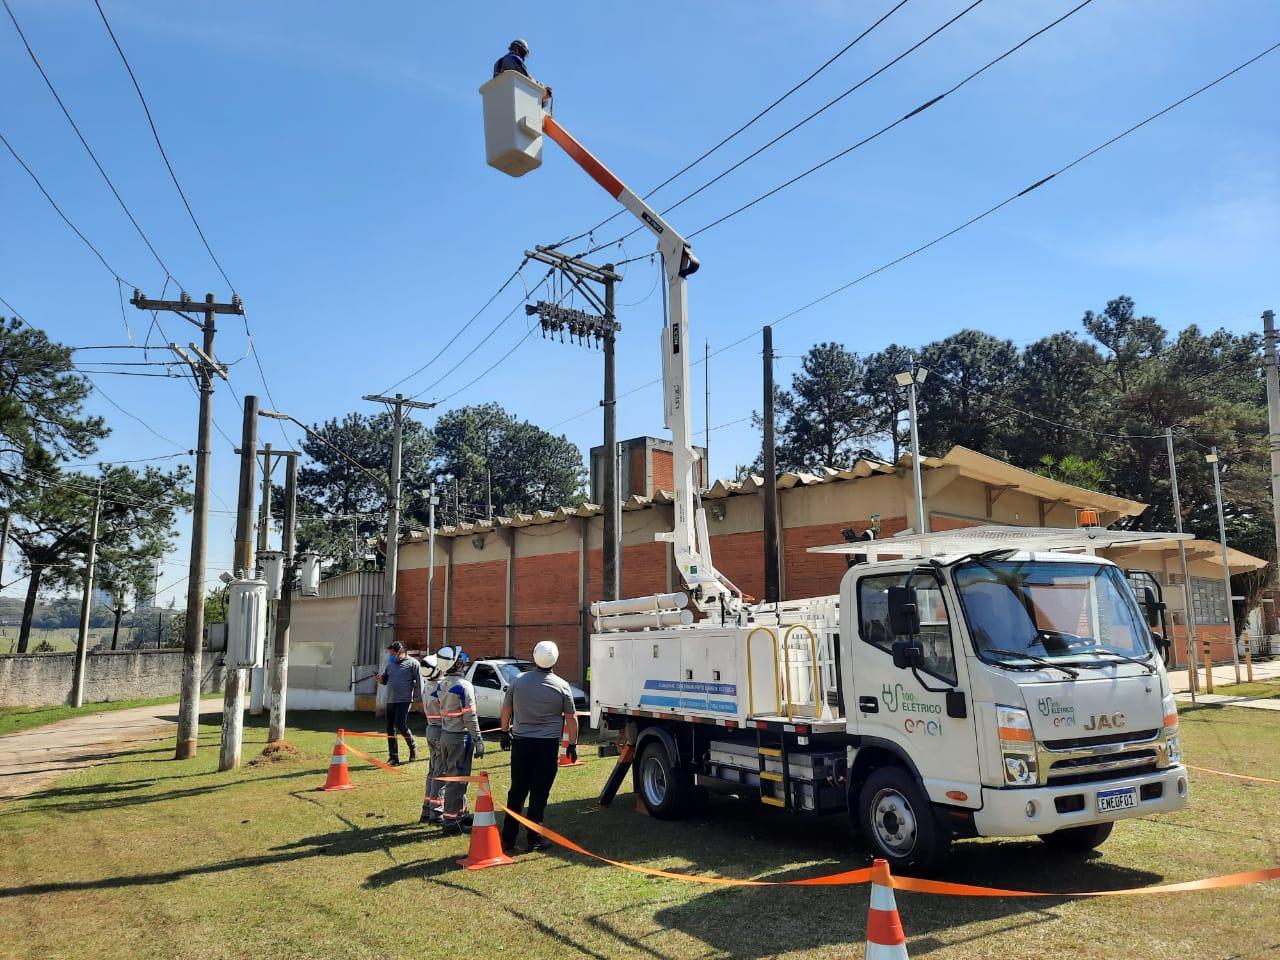 Enel distribuição São Paulo apresenta o primeiro caminhão elétrico com cesto aéreo